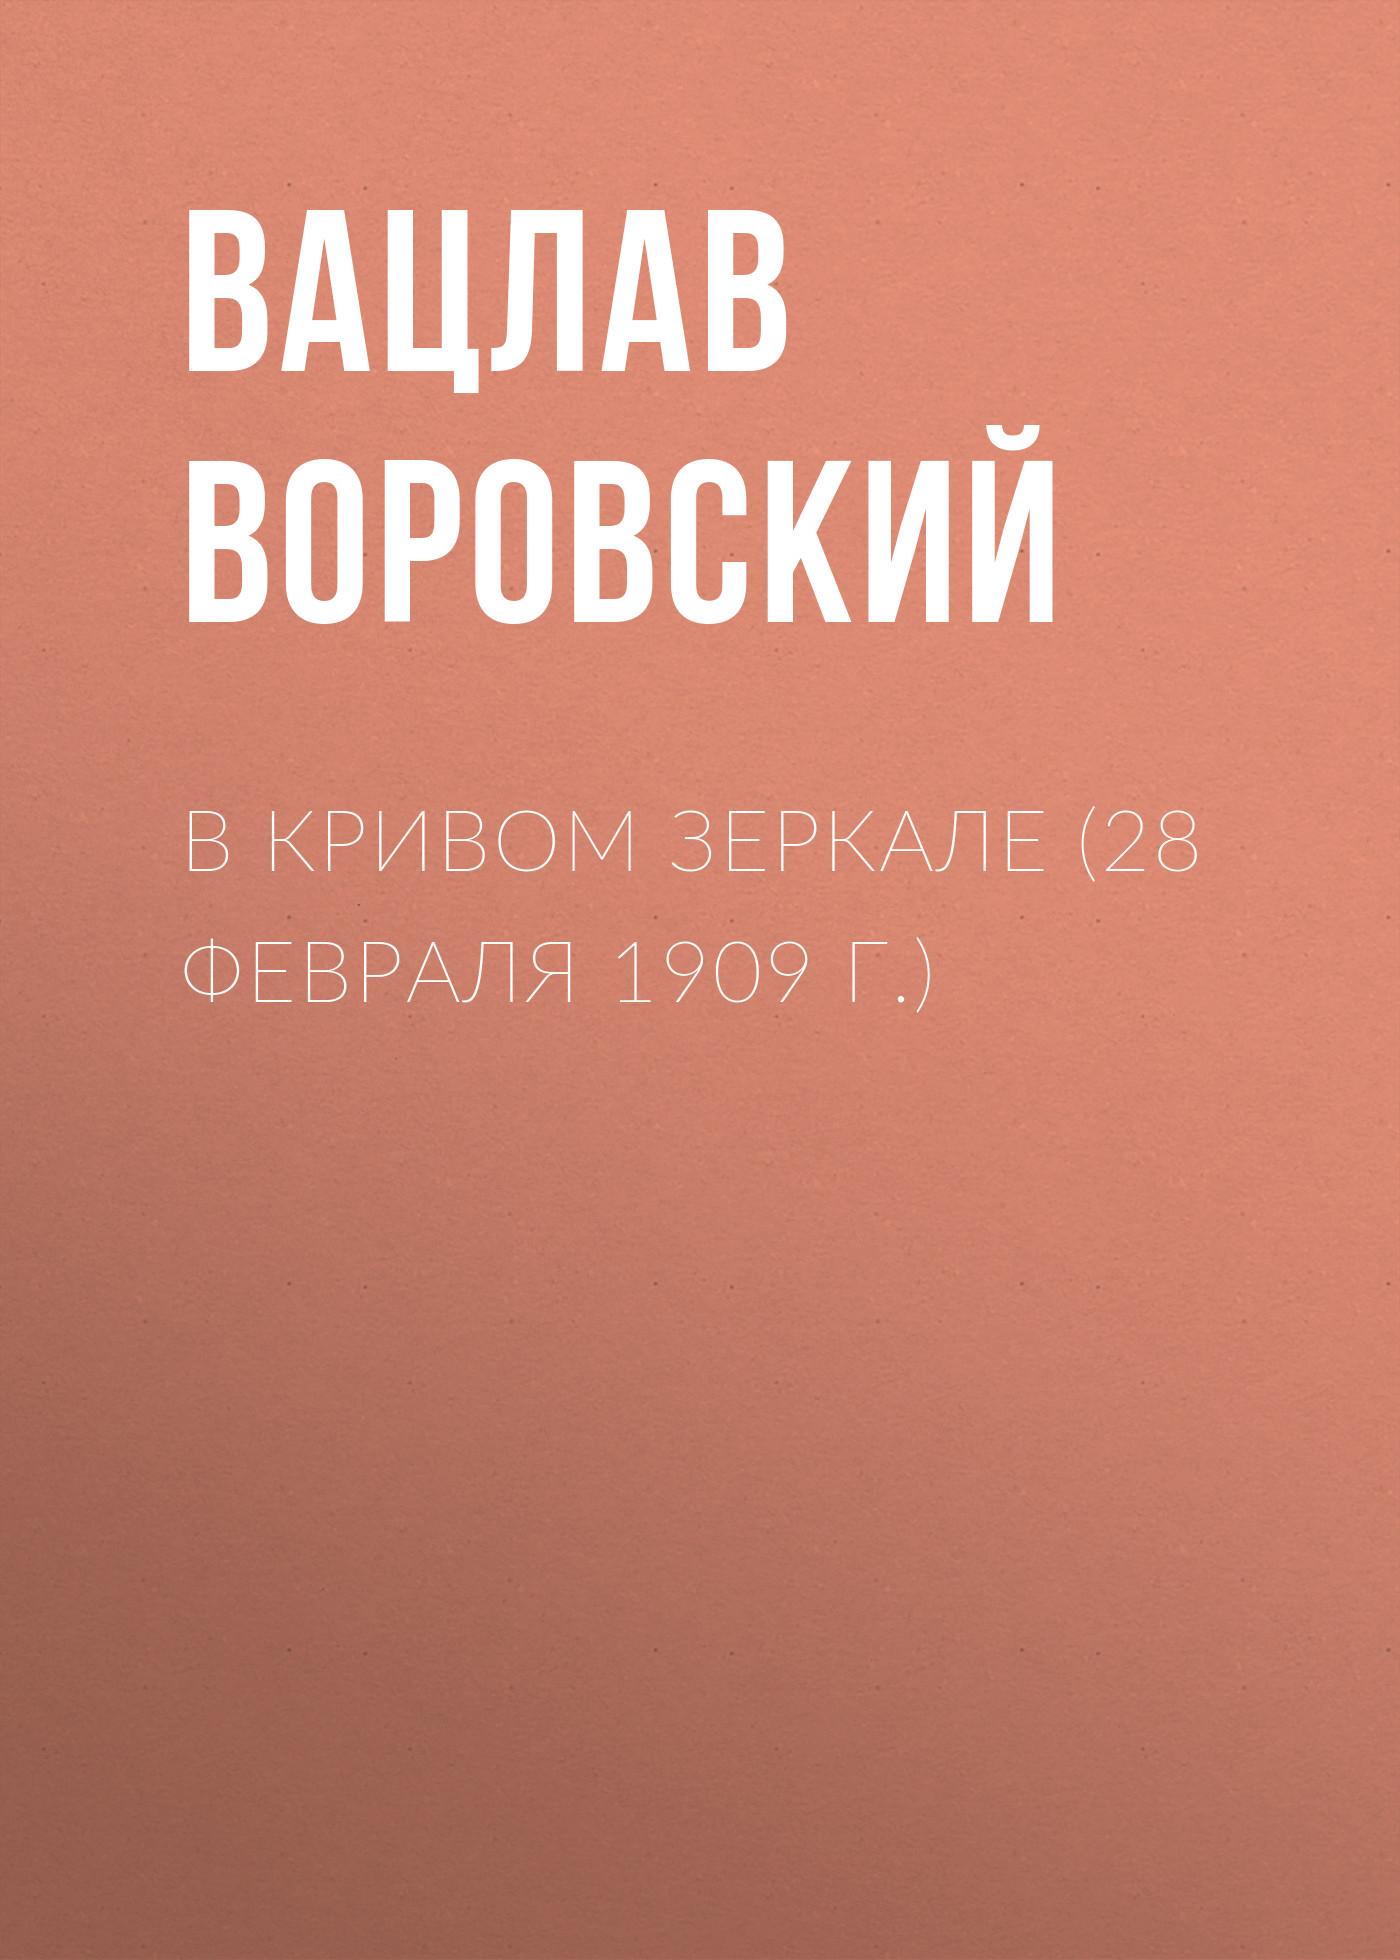 Вацлав Воровский В кривом зеркале (28 февраля 1909 г.) вацлав воровский в кривом зеркале 10 декабря 1908 г